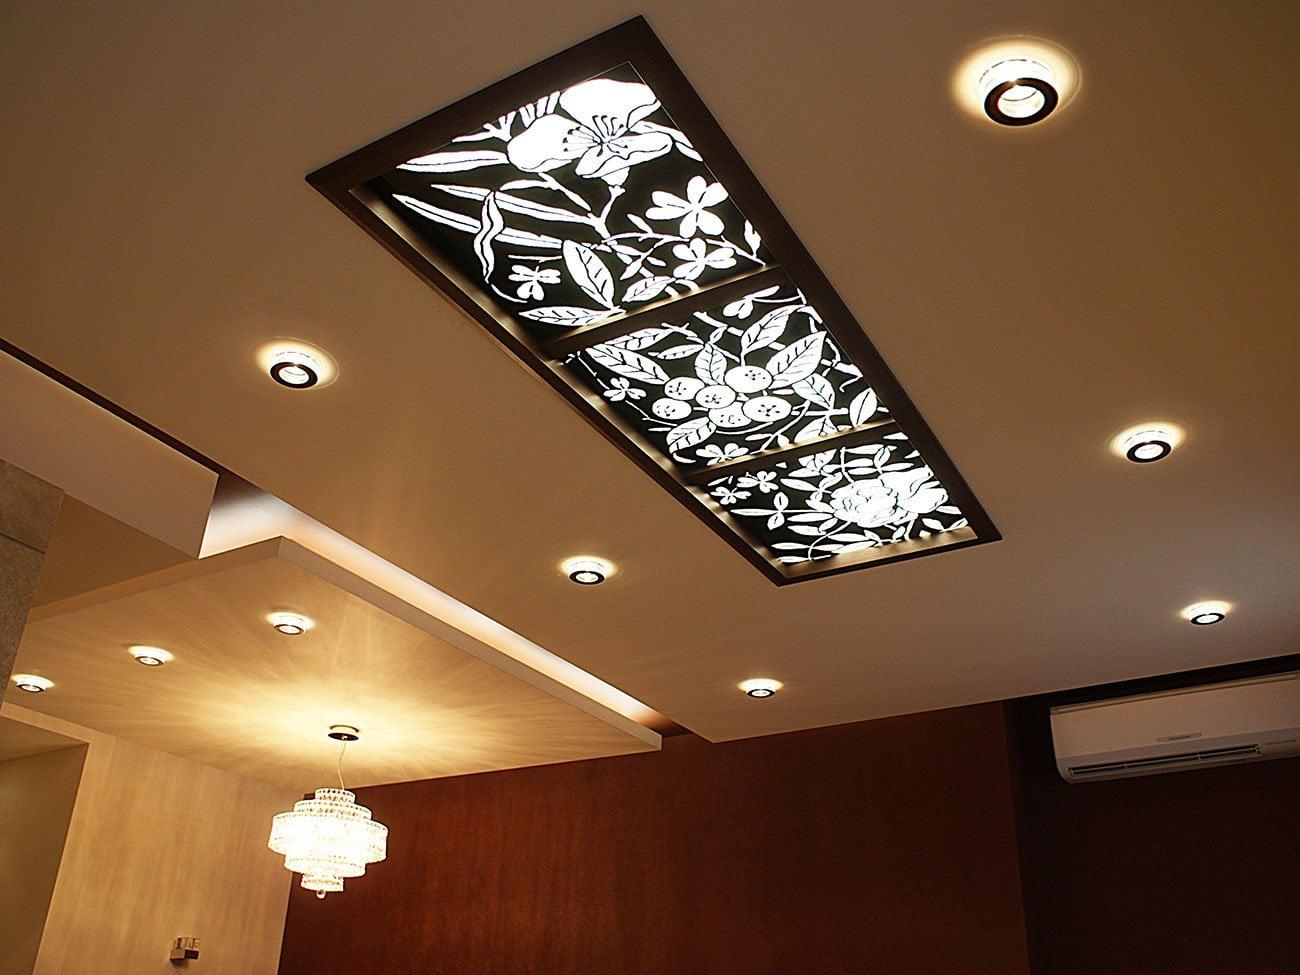 фотография потолочного витража в холловой группе в частном интерьере от IMAGEMAN